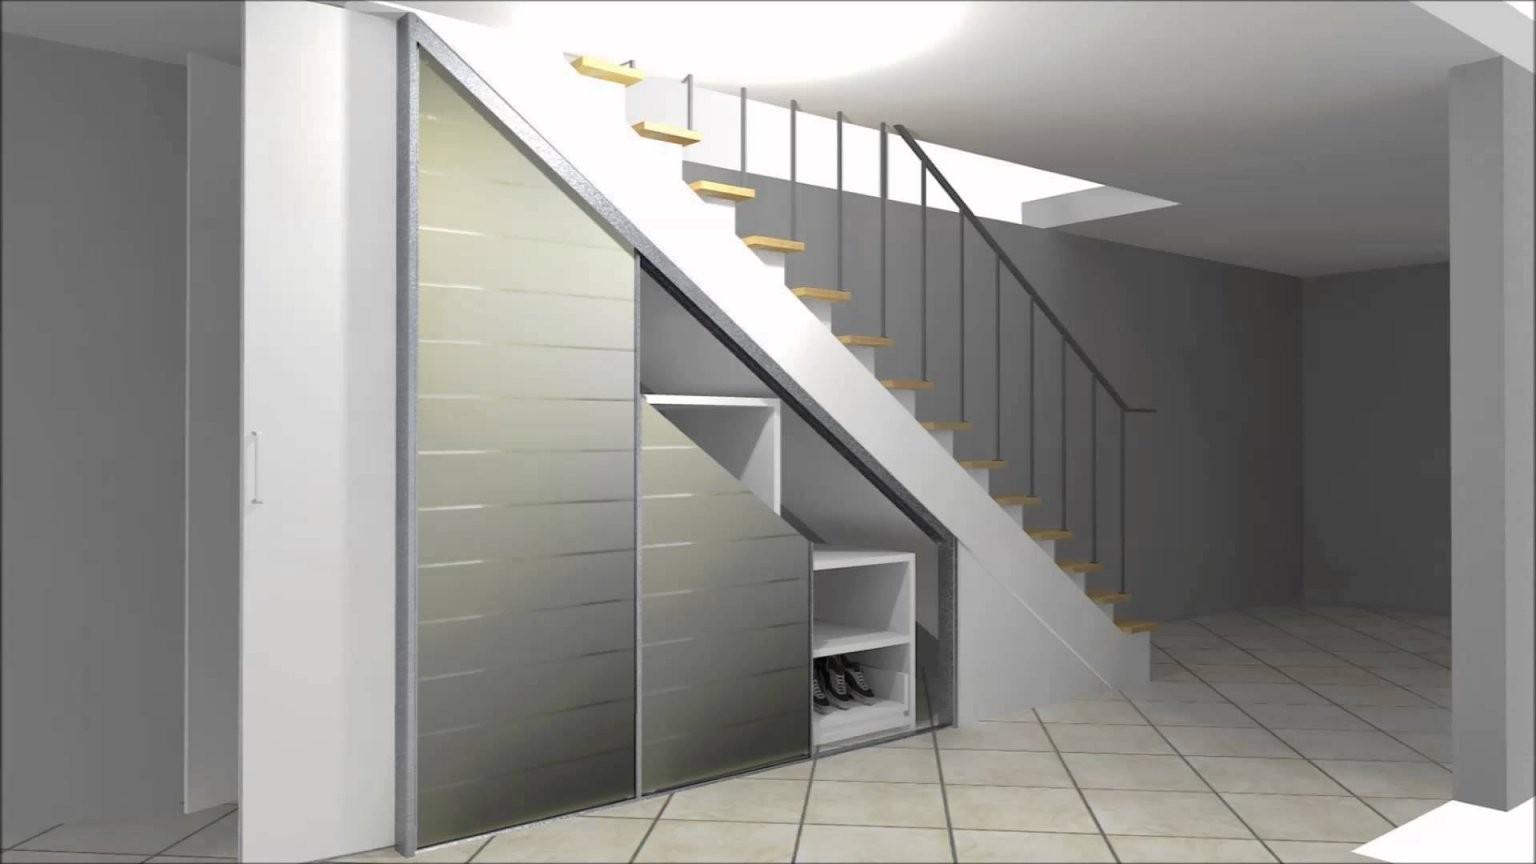 Schrank Unter Treppe Einbauschrank Unter Treppe Selber Bauen von Schuhschrank Unter Der Treppe Photo